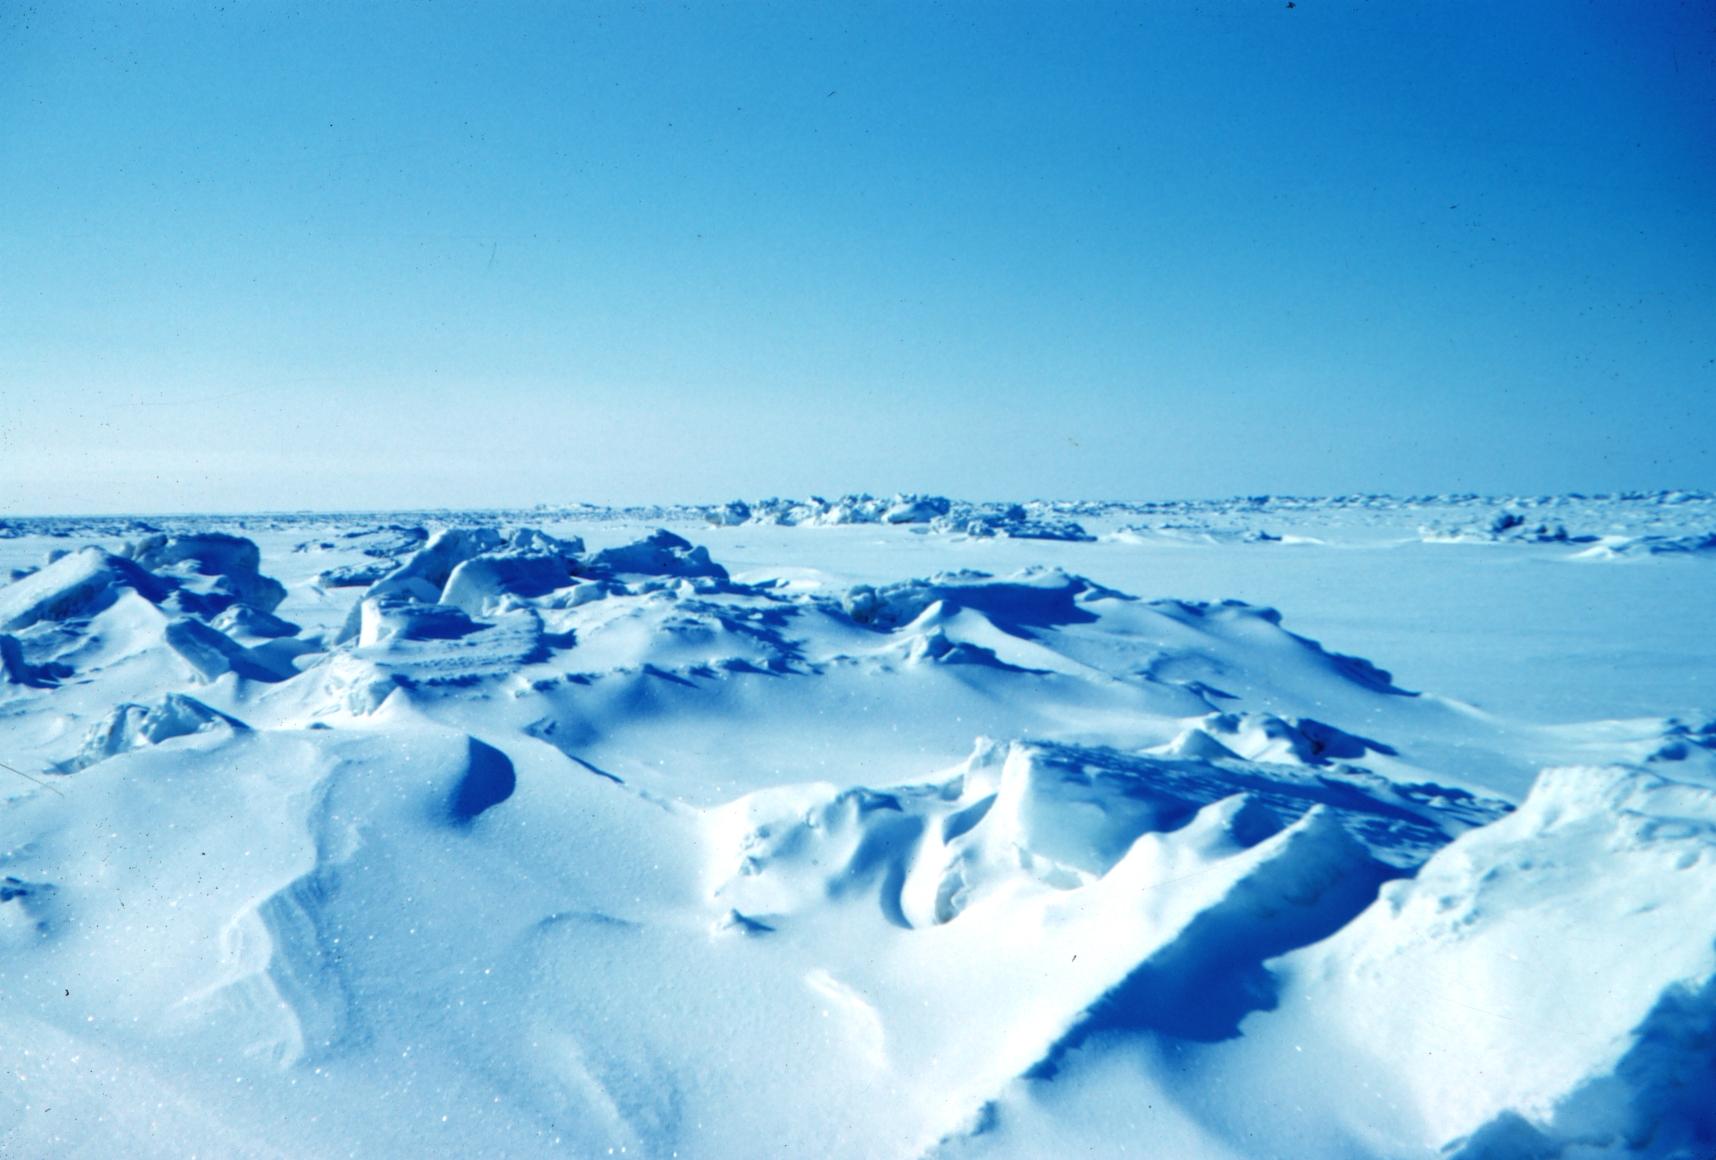 بواش تفكرك هاذي الصور؟؟؟؟ Sea_ice_terrain.jpg